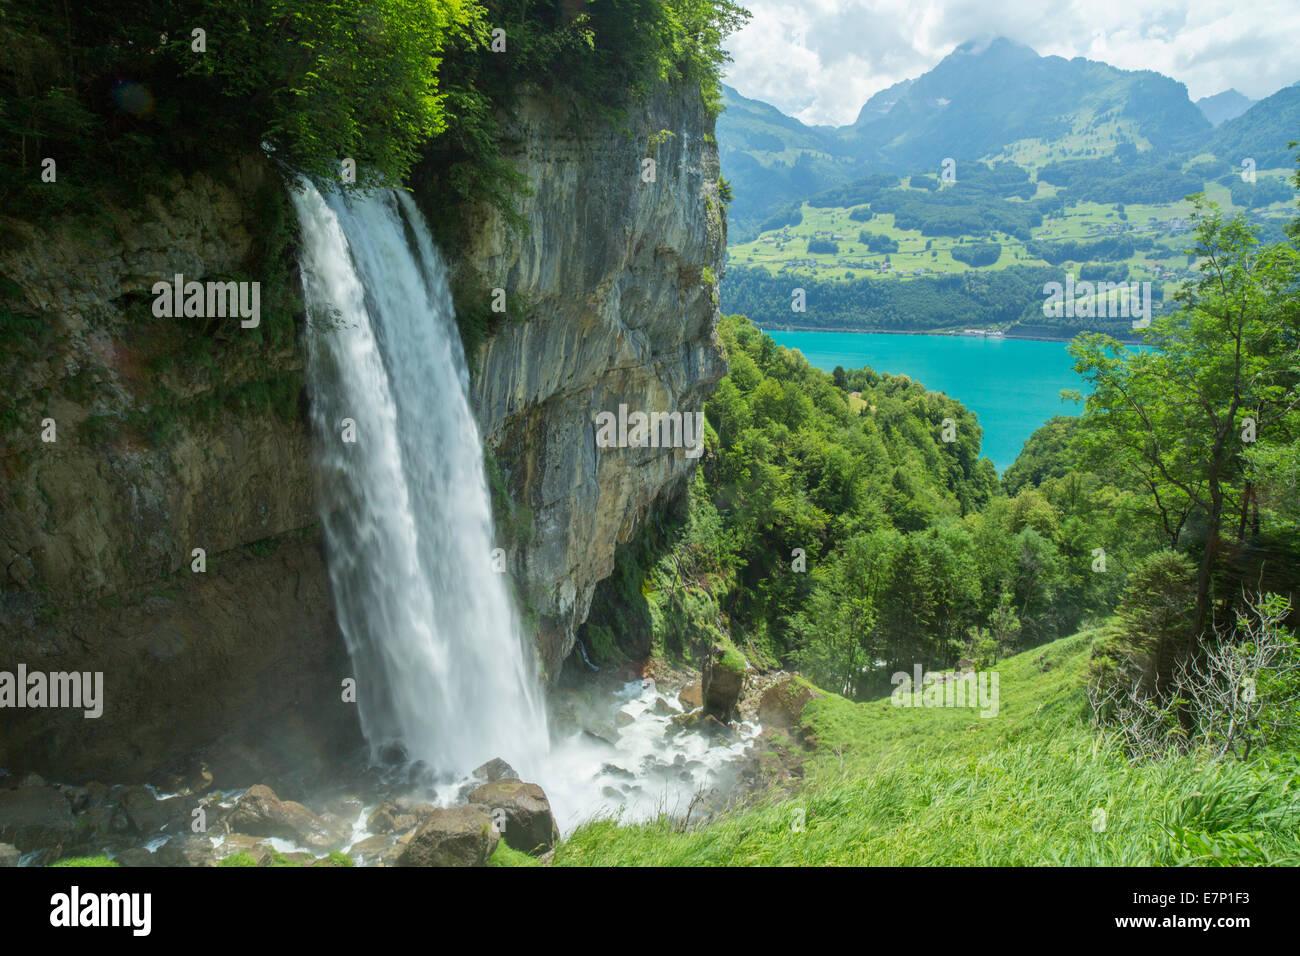 Rinquelle Bethlis Walensee,,, agua, cascada, SG, cantón San Gallen, manantial, fuente, Suiza, Europa Imagen De Stock